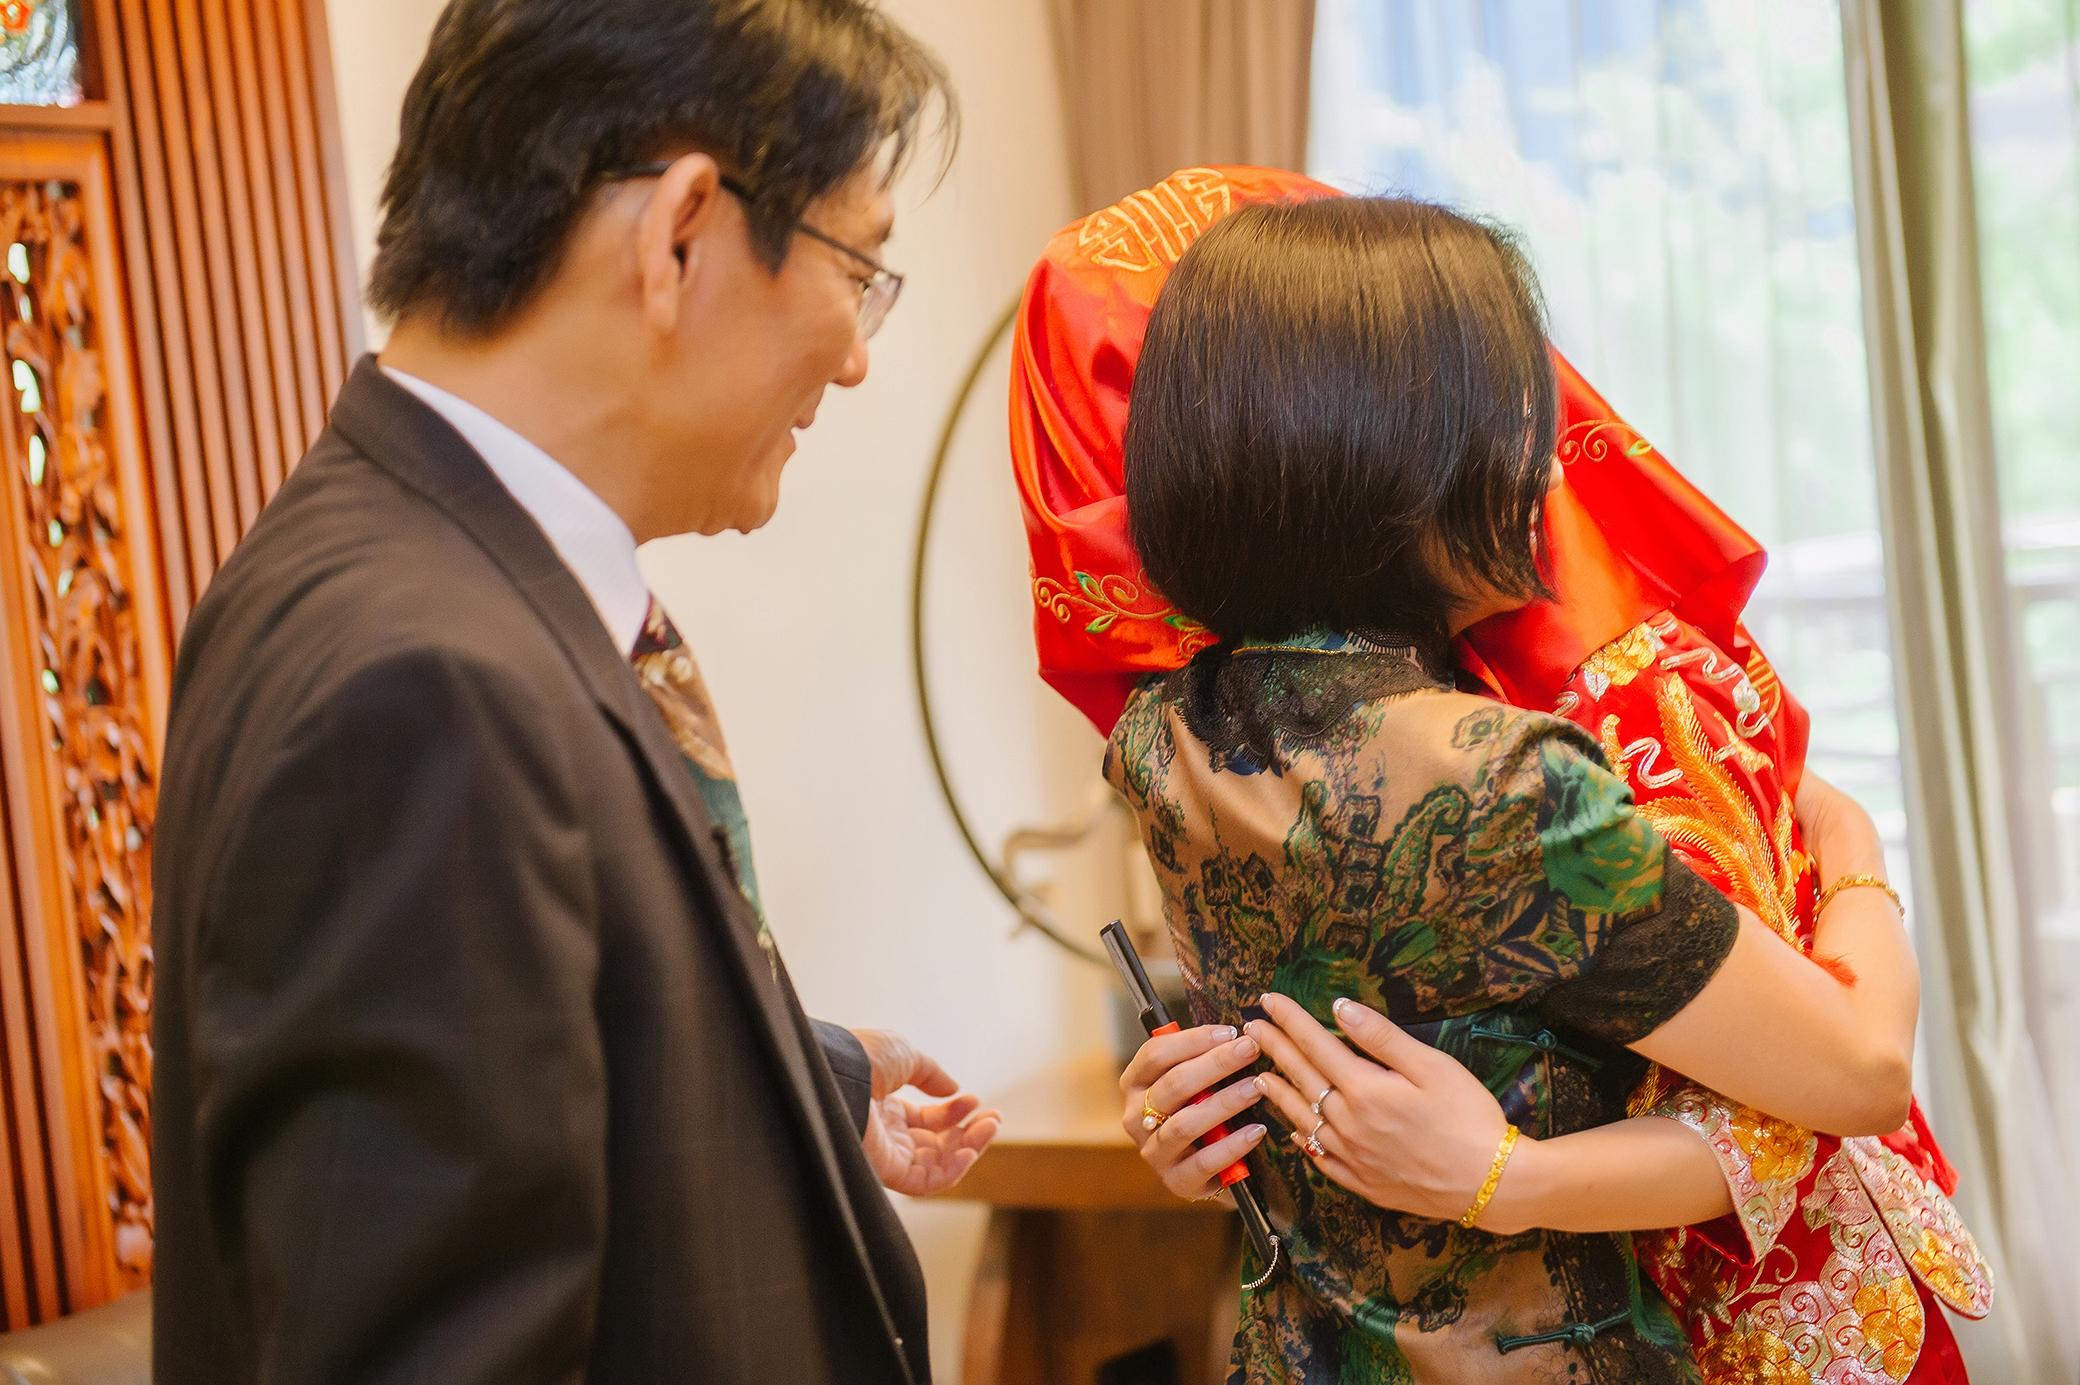 nickchang-wedding-%e5%af%92%e8%88%8d%e8%89%be%e9%ba%97-fineart-22